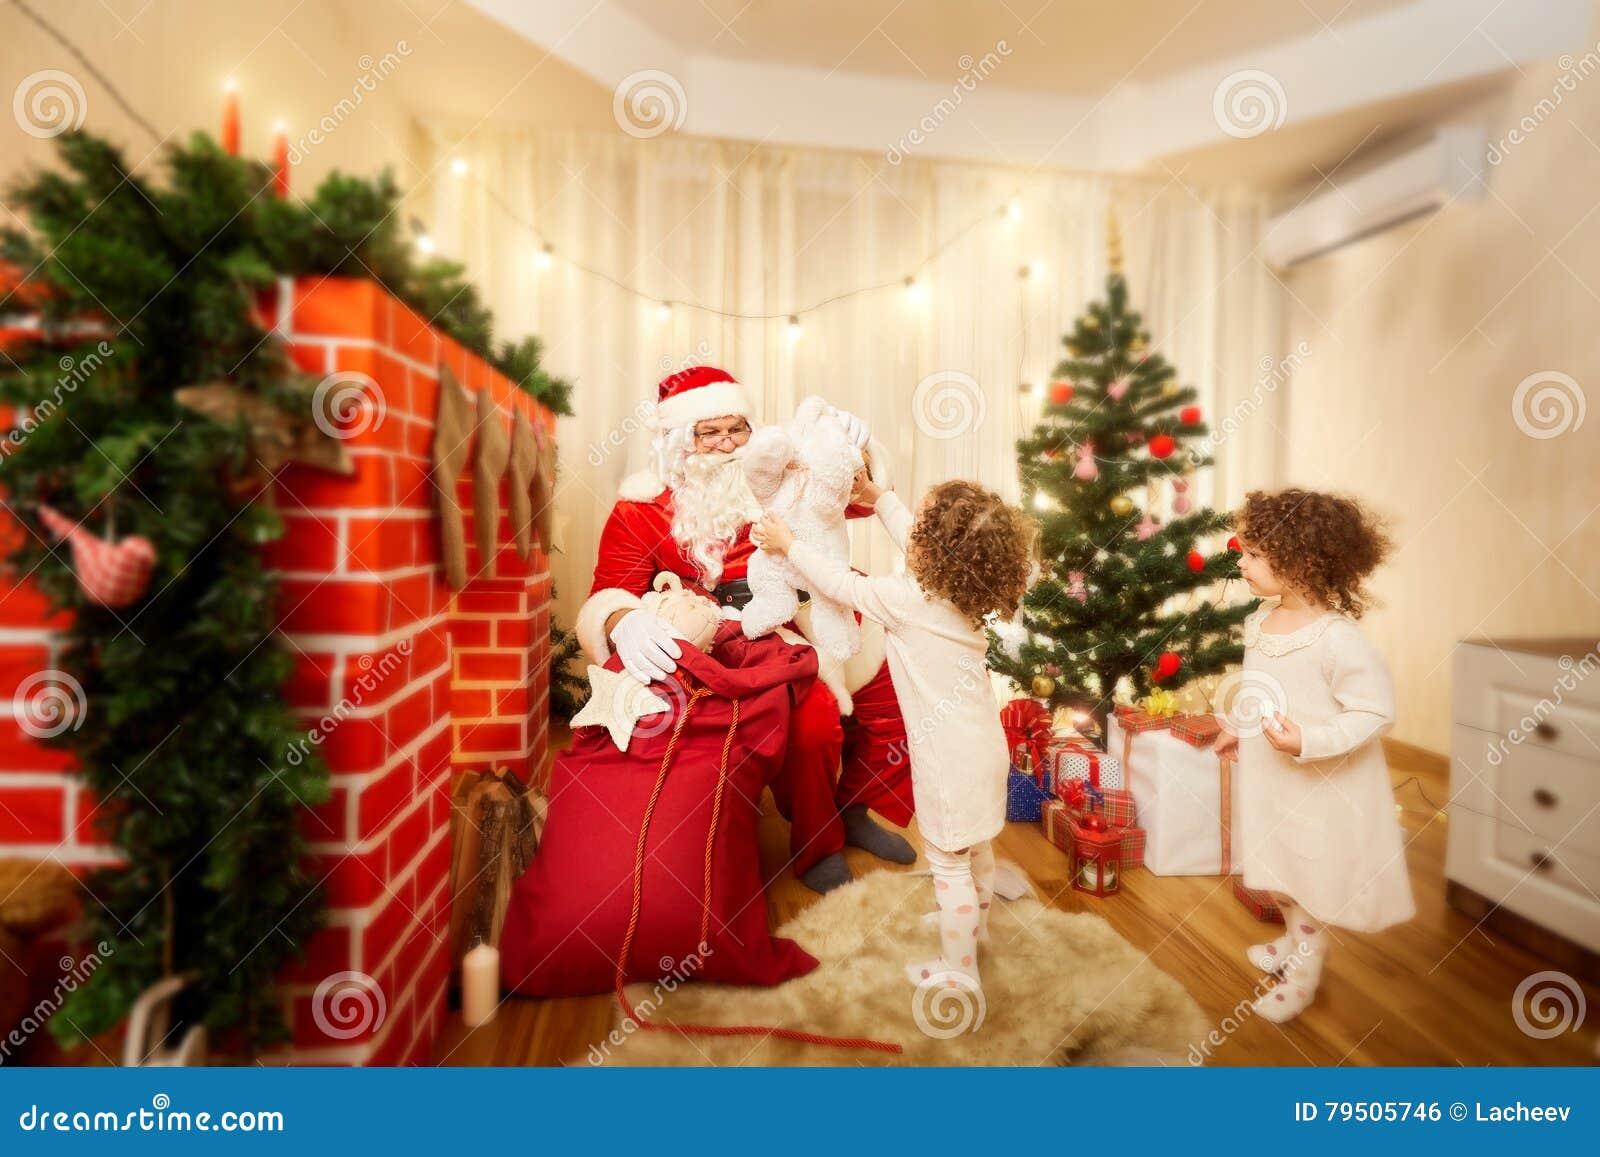 En la Navidad Santa Claus distribuye los regalos a los niños fuera de t